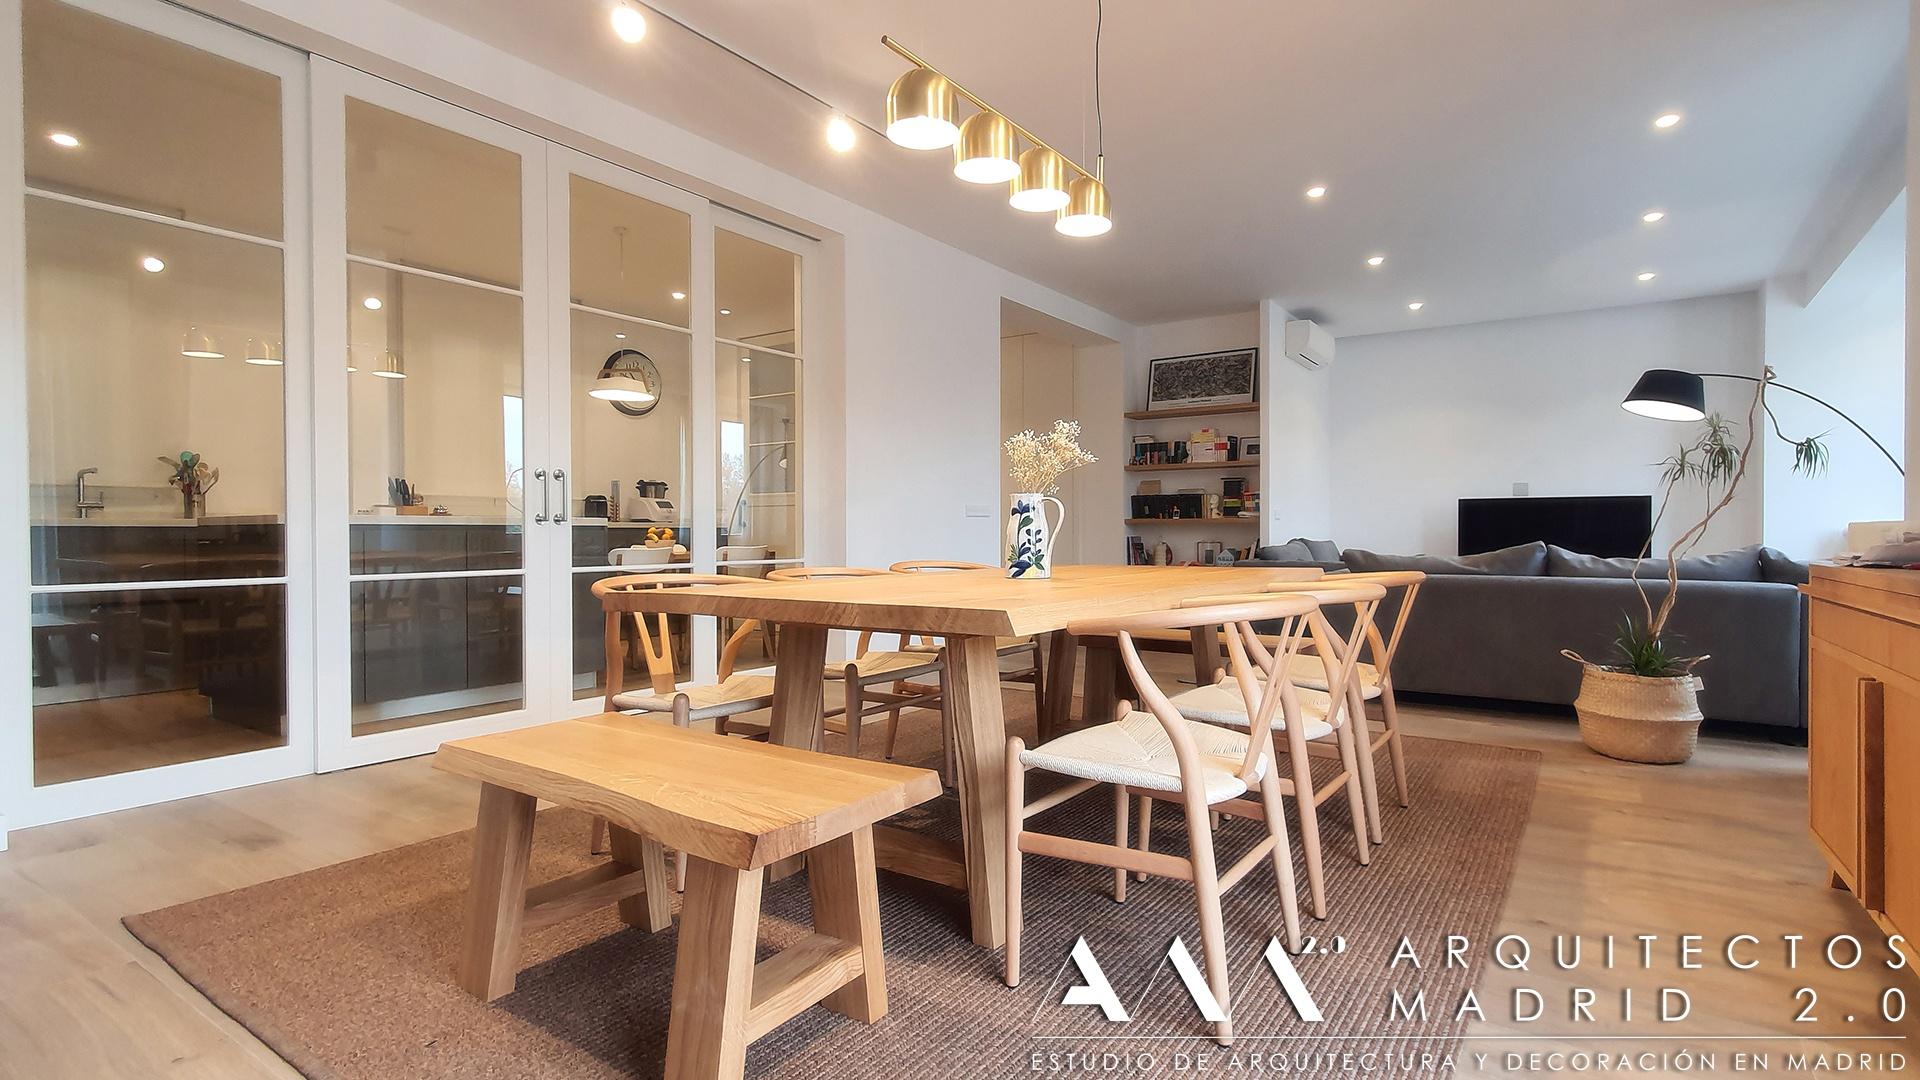 proyecto-reforma-integral-vivienda-arquitectos-madrid-ideas-decoracion-salon-cocina-home-interior-design-07